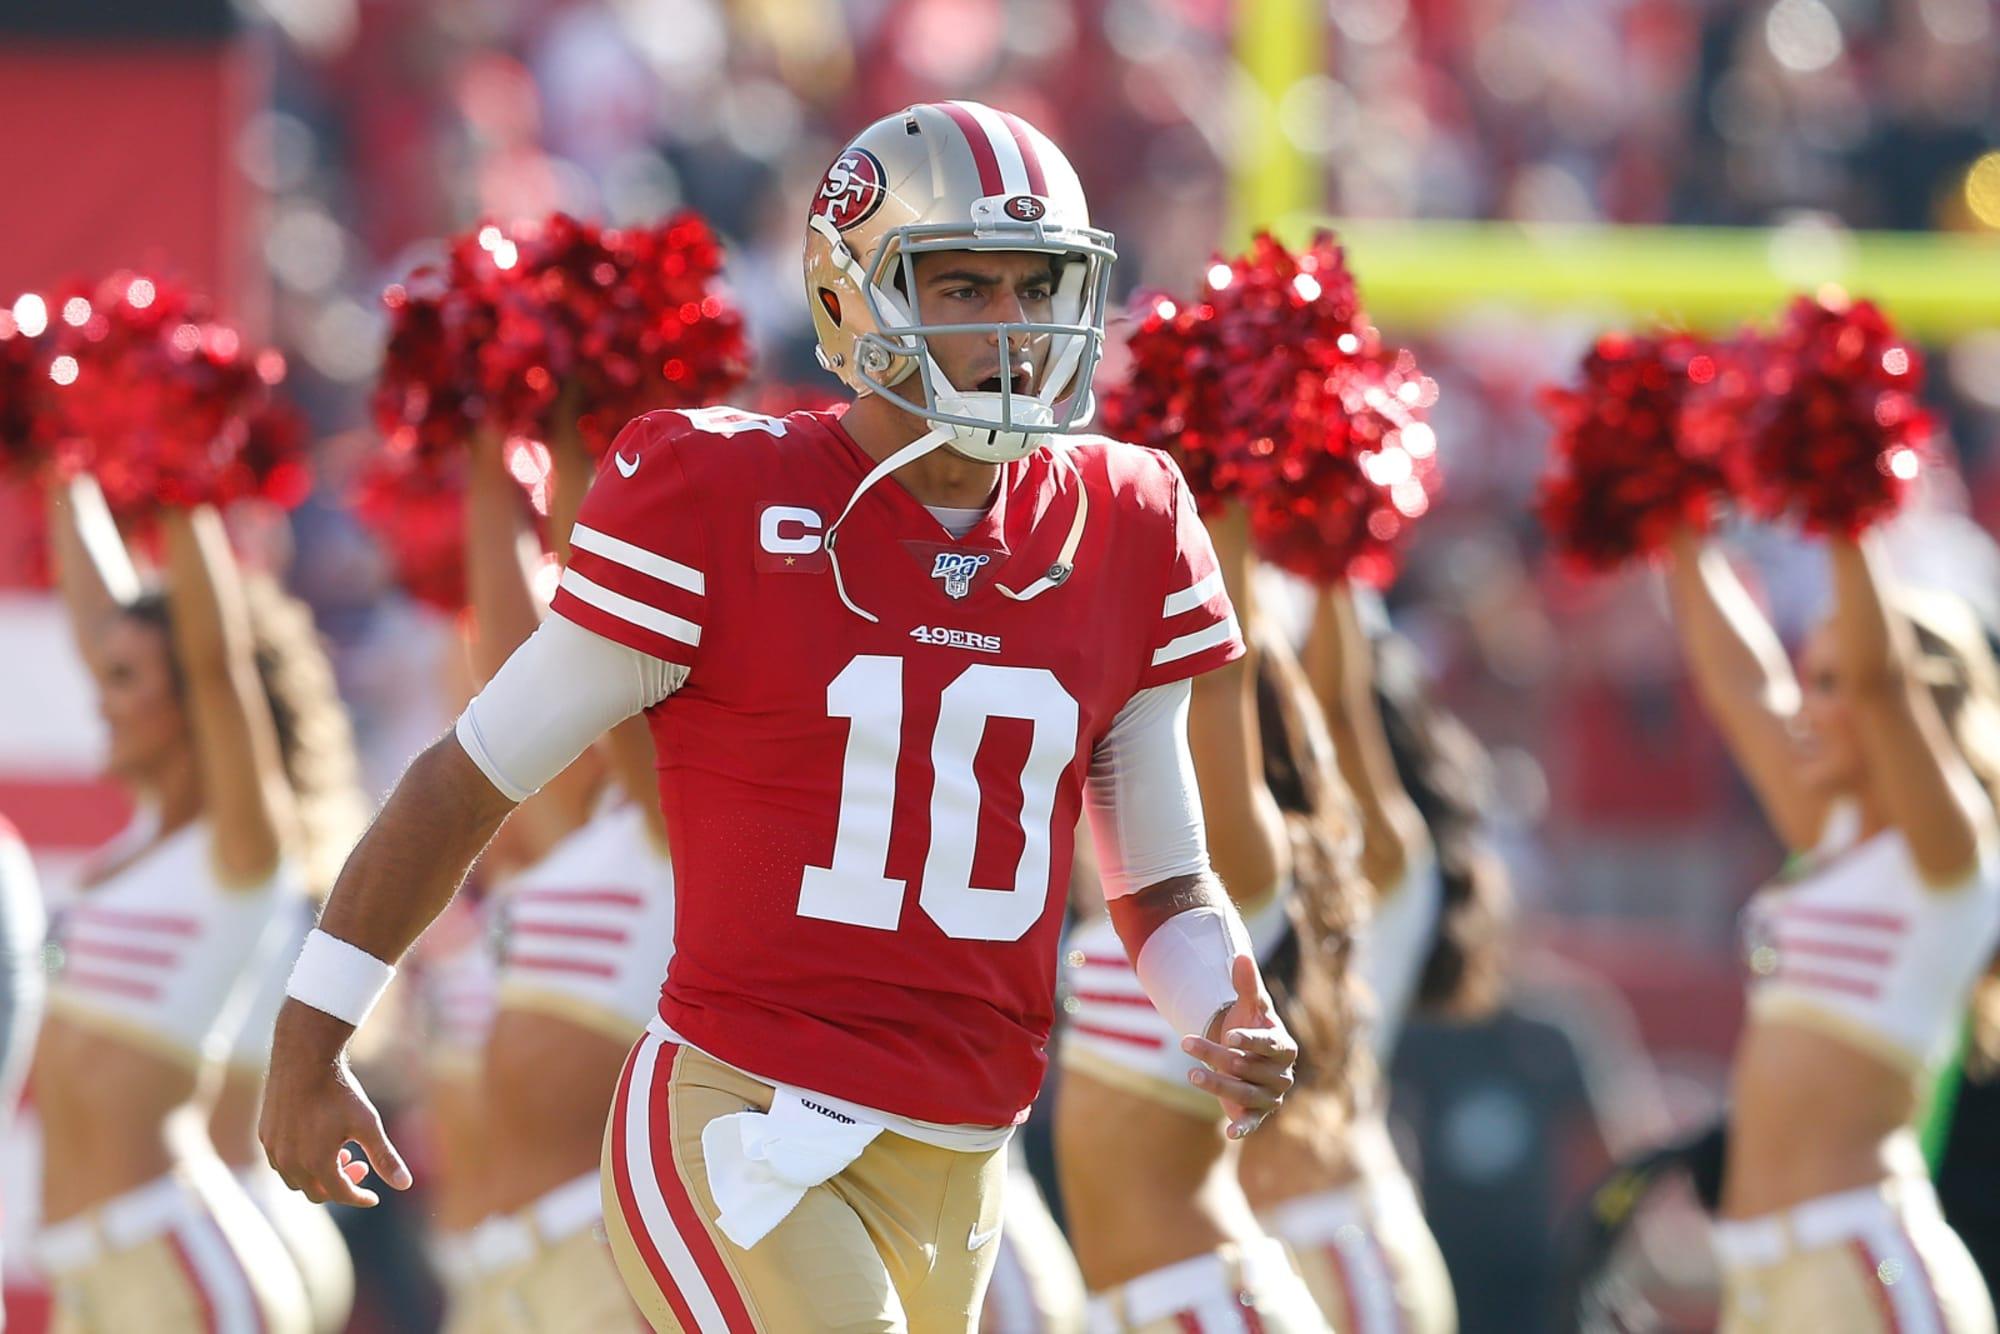 tom brady 49ers jersey